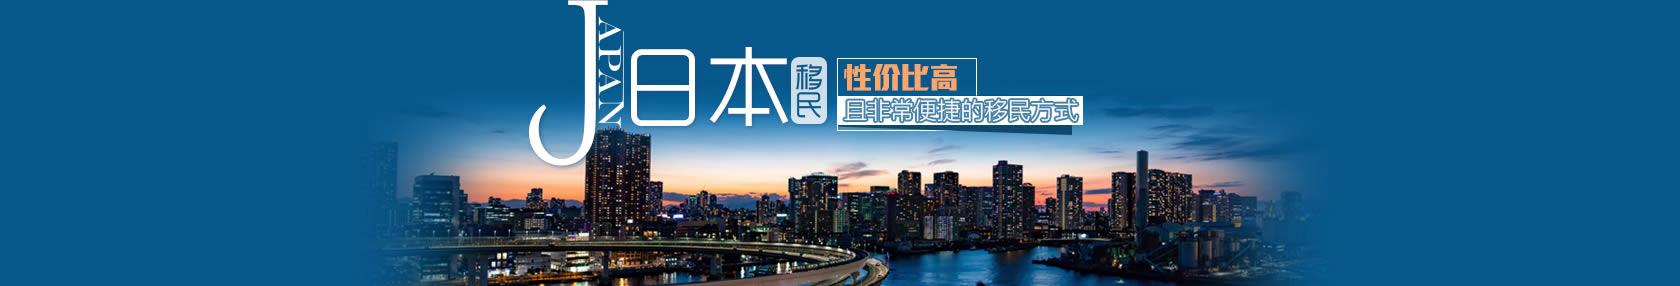 【环球移民】日本创业移民项目-性价比高、便捷移民日本的方式